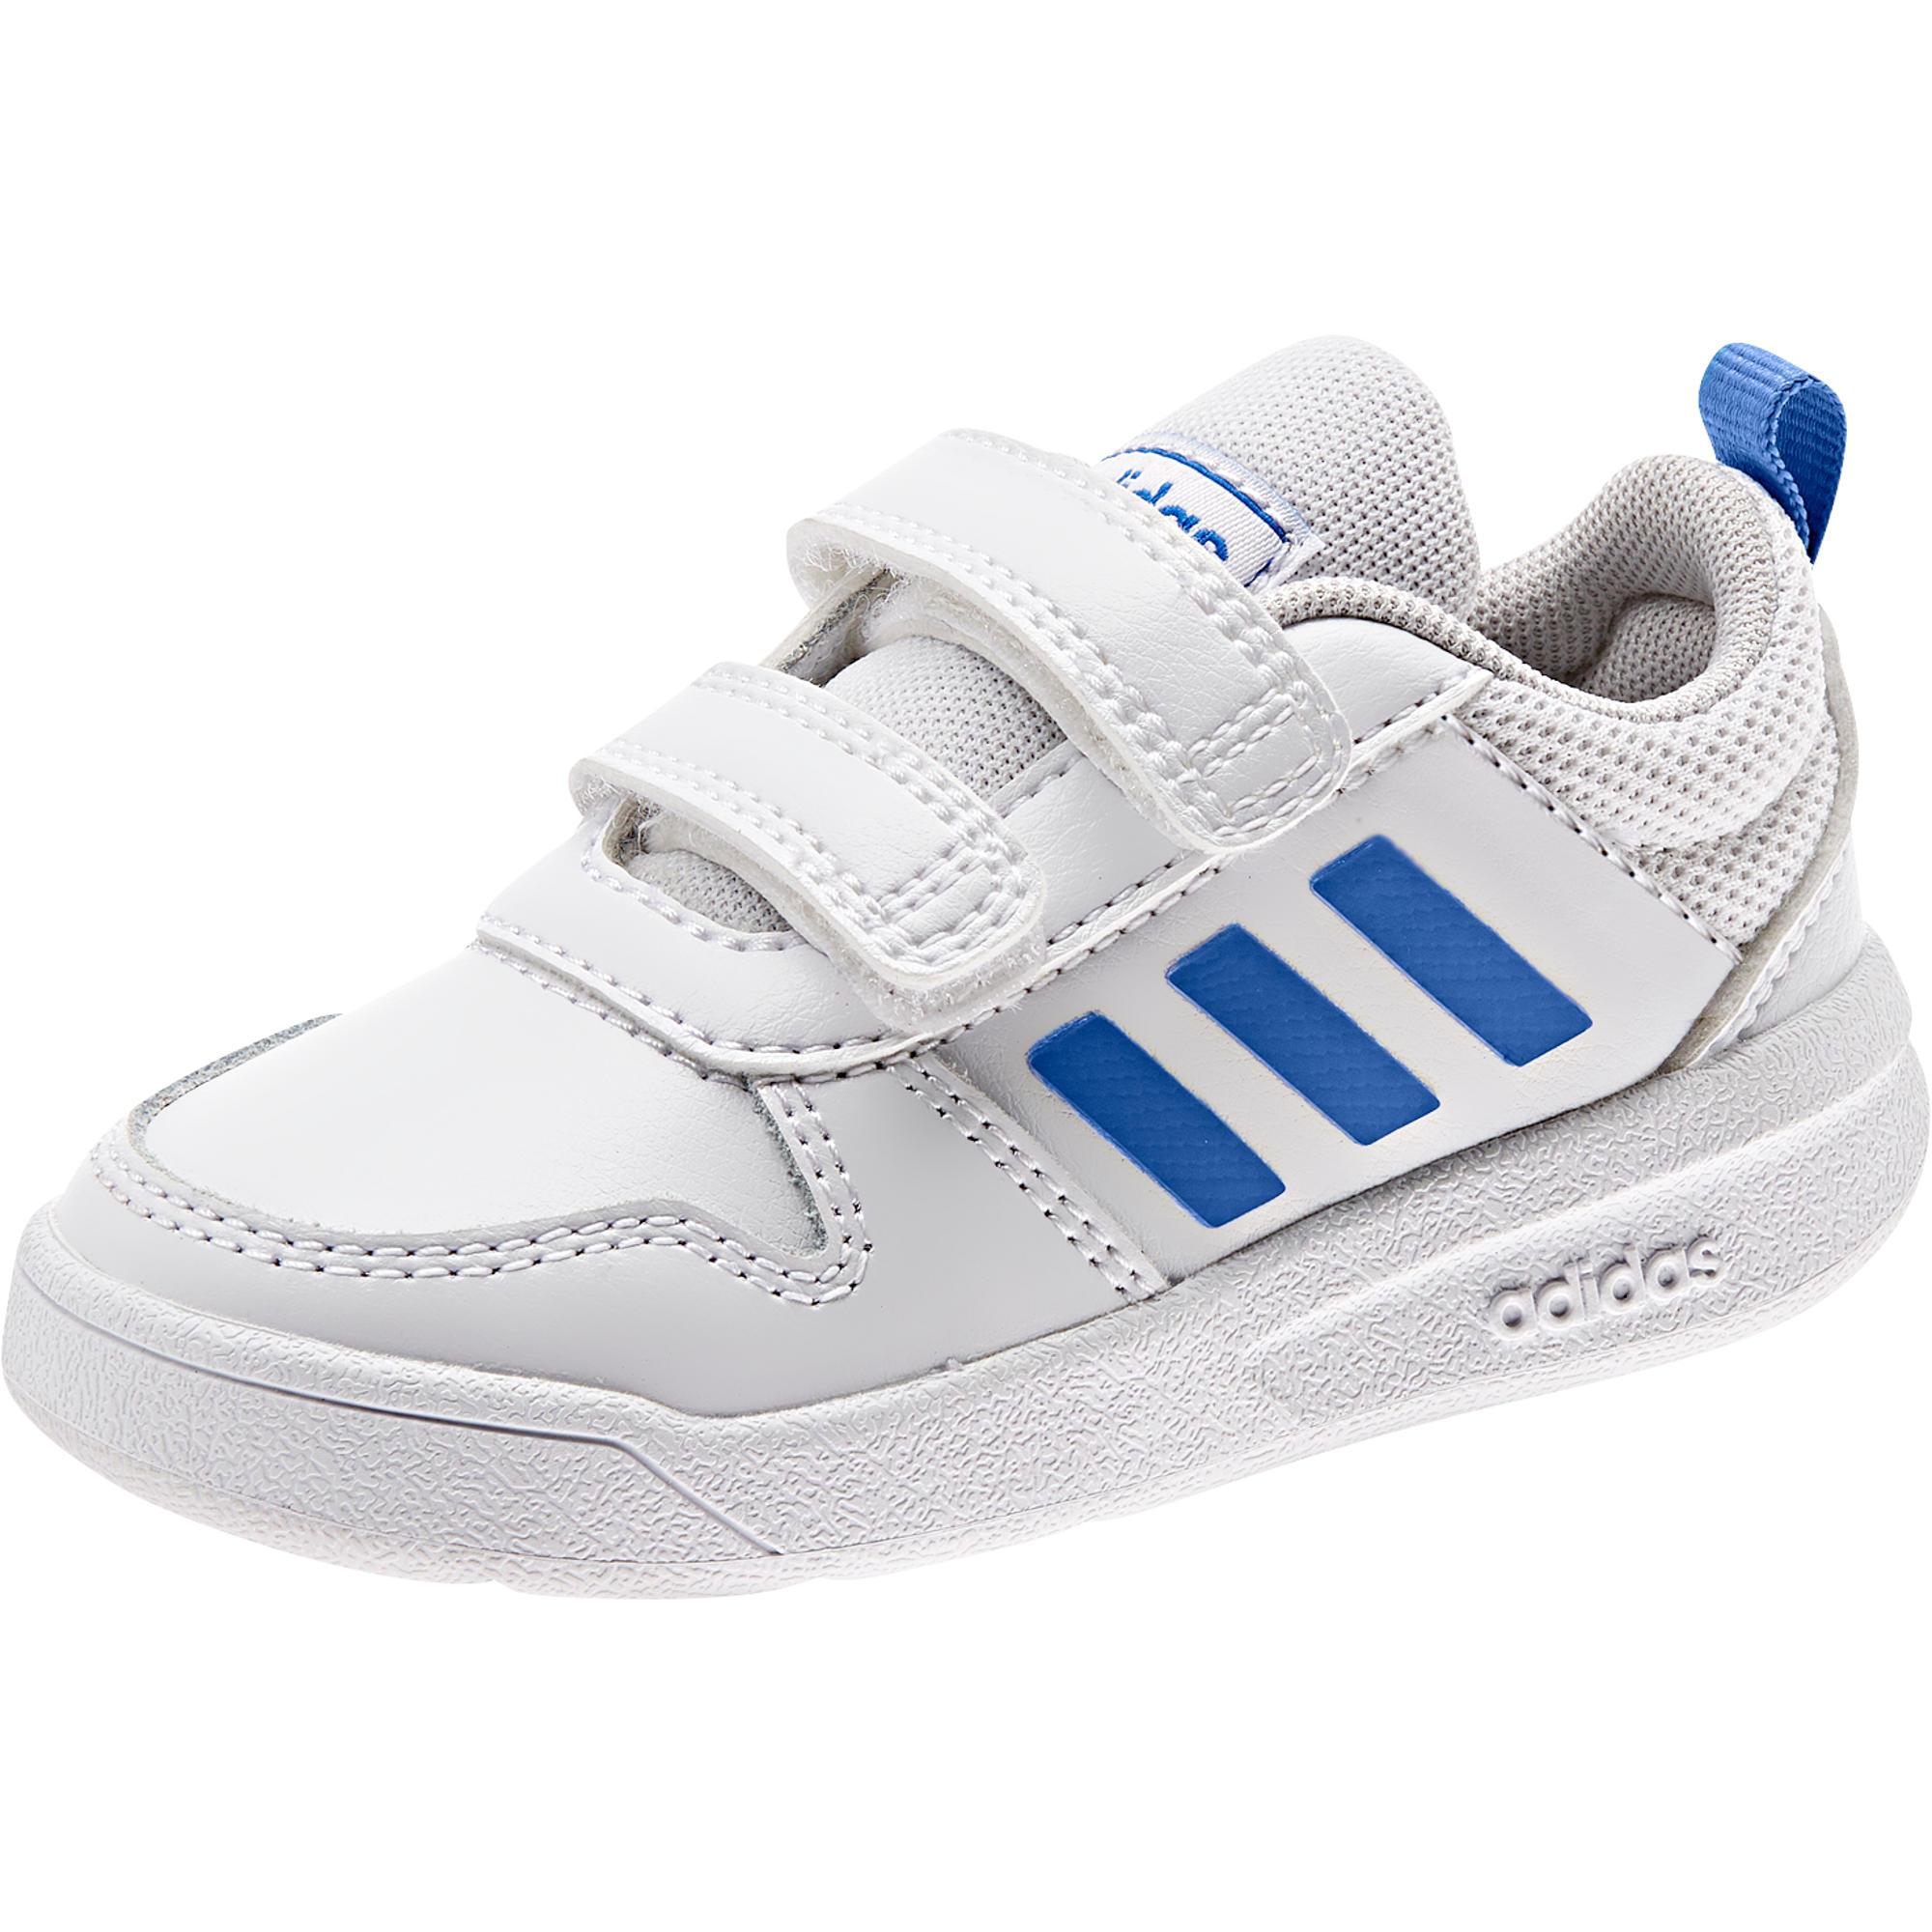 Pies suaves tierra Interior  Comprar Zapatillas de Bebé Adidas online   Decathlon